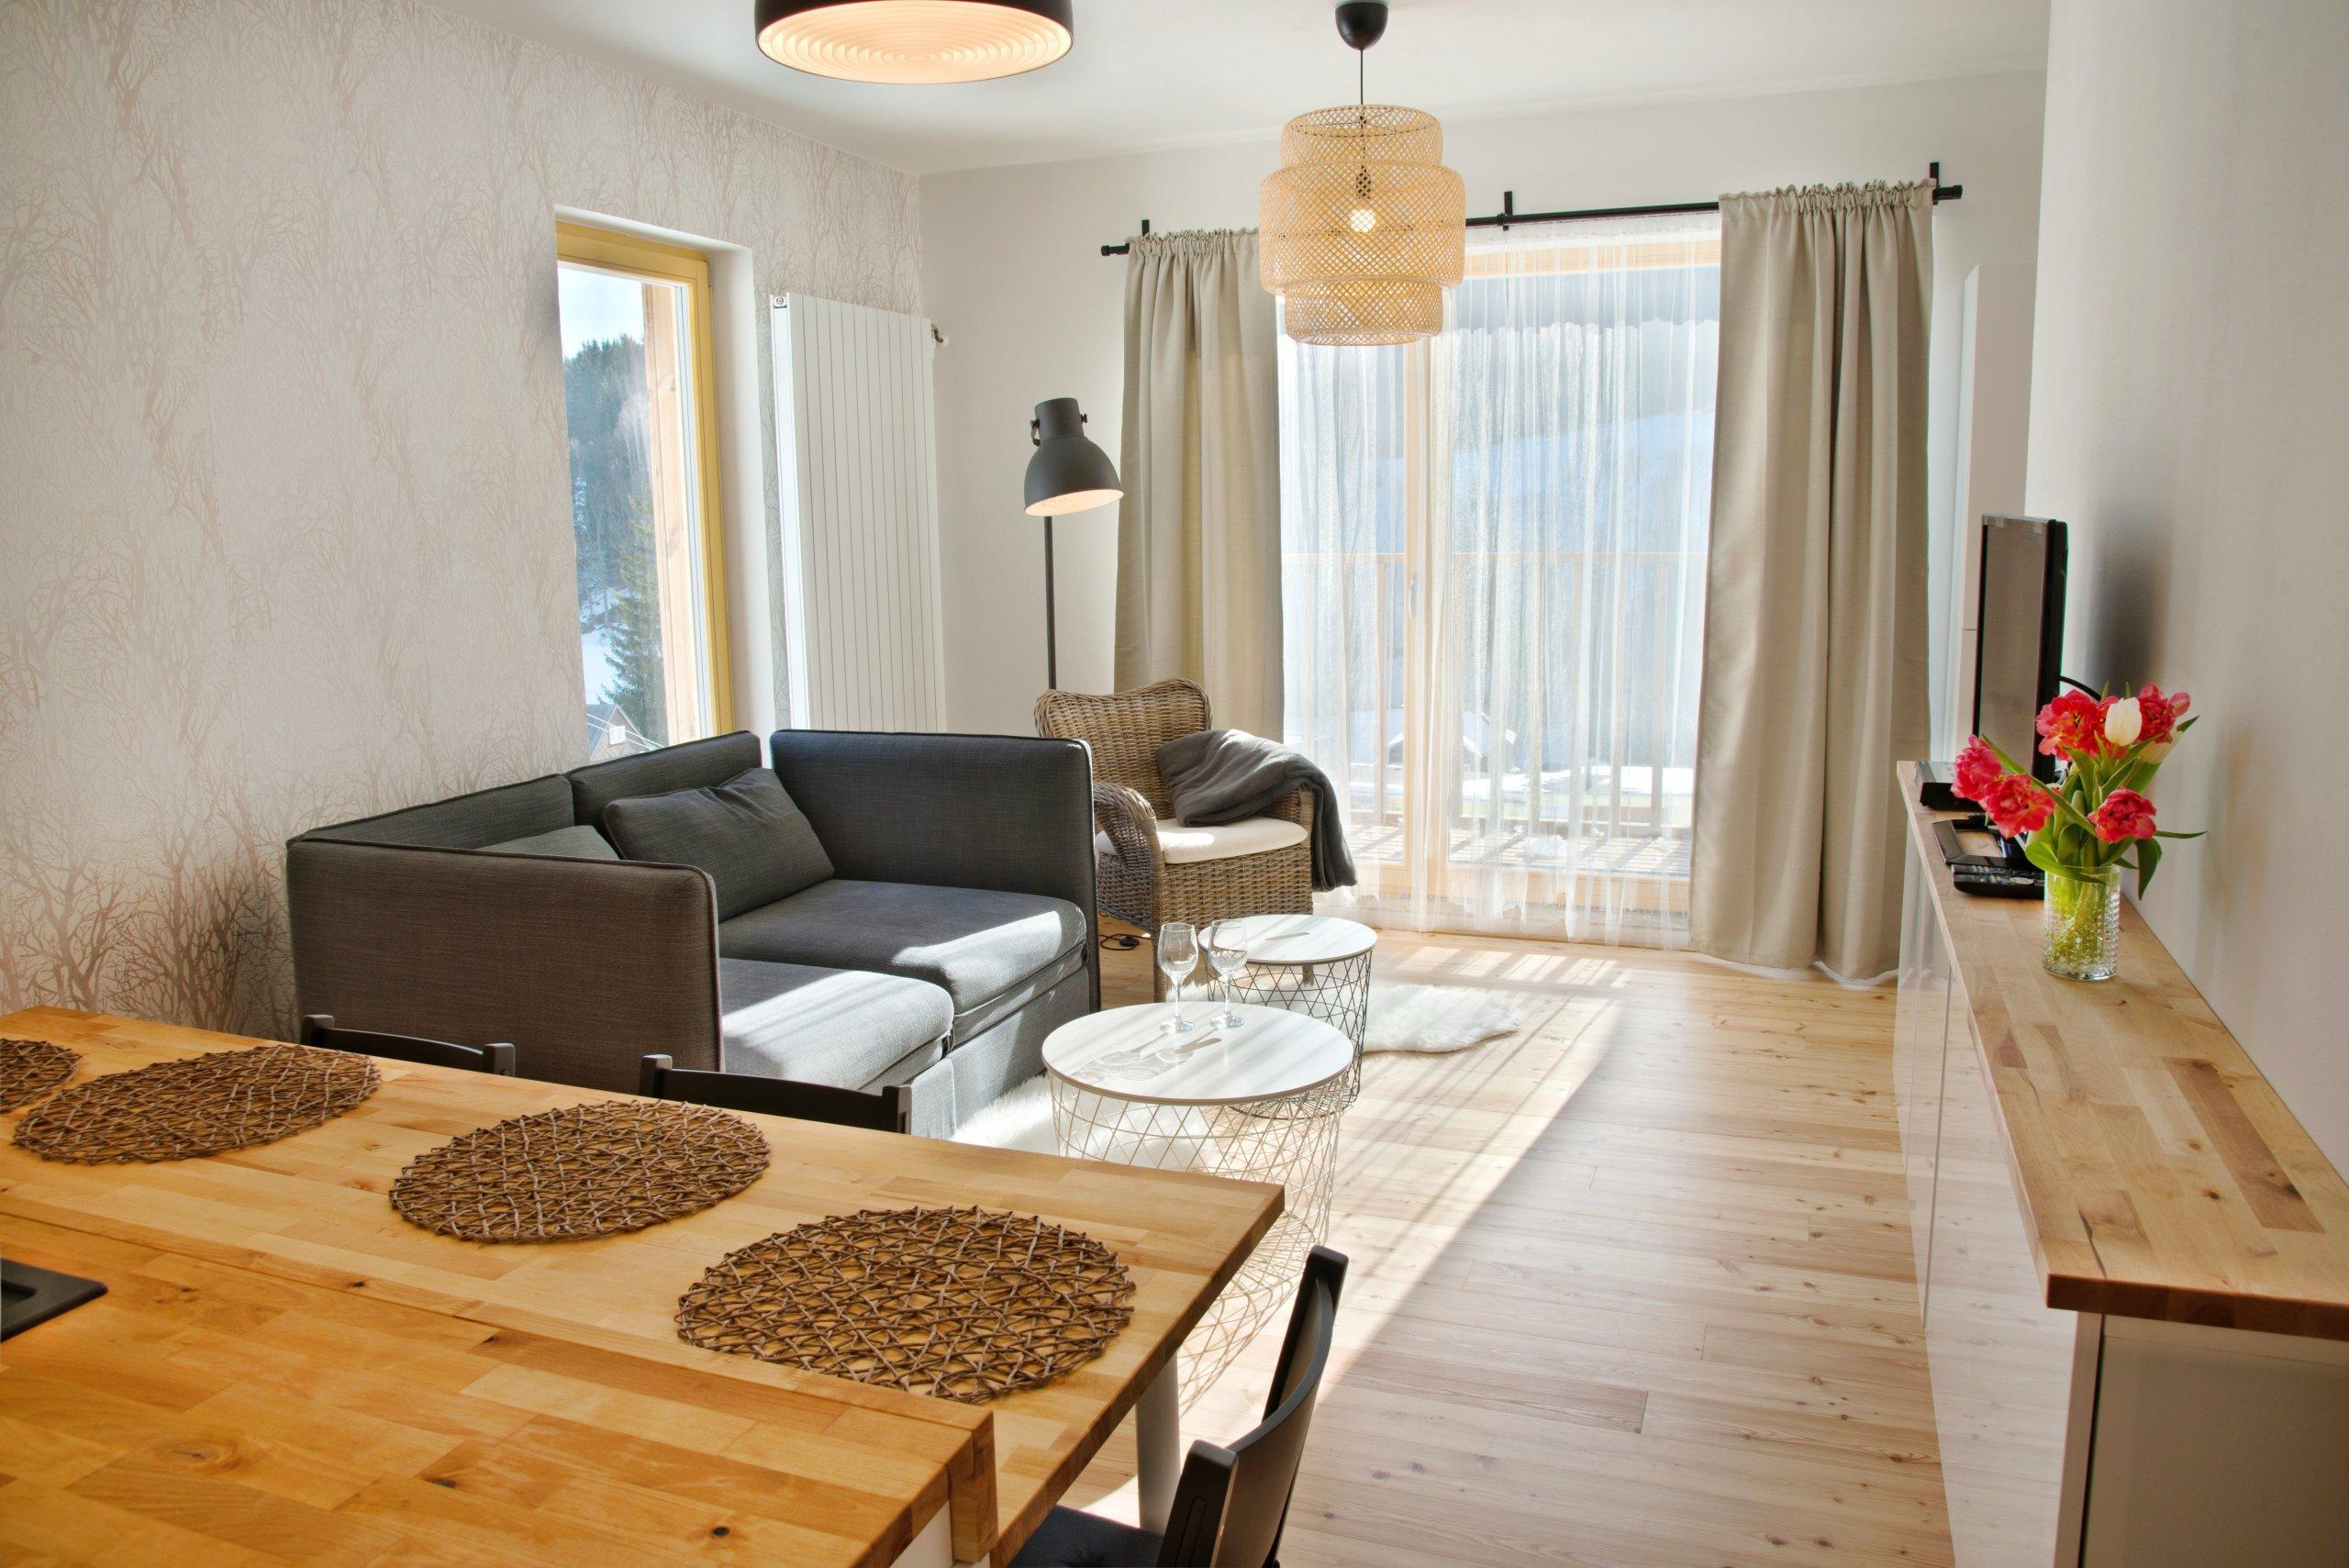 Zadání znělo jasně - účelně zařídit nově vybudovaný apartmán, který je primárně určen ke krátkodobému pronájmu a v průběhu roku slouží k rekreaci i jeho…